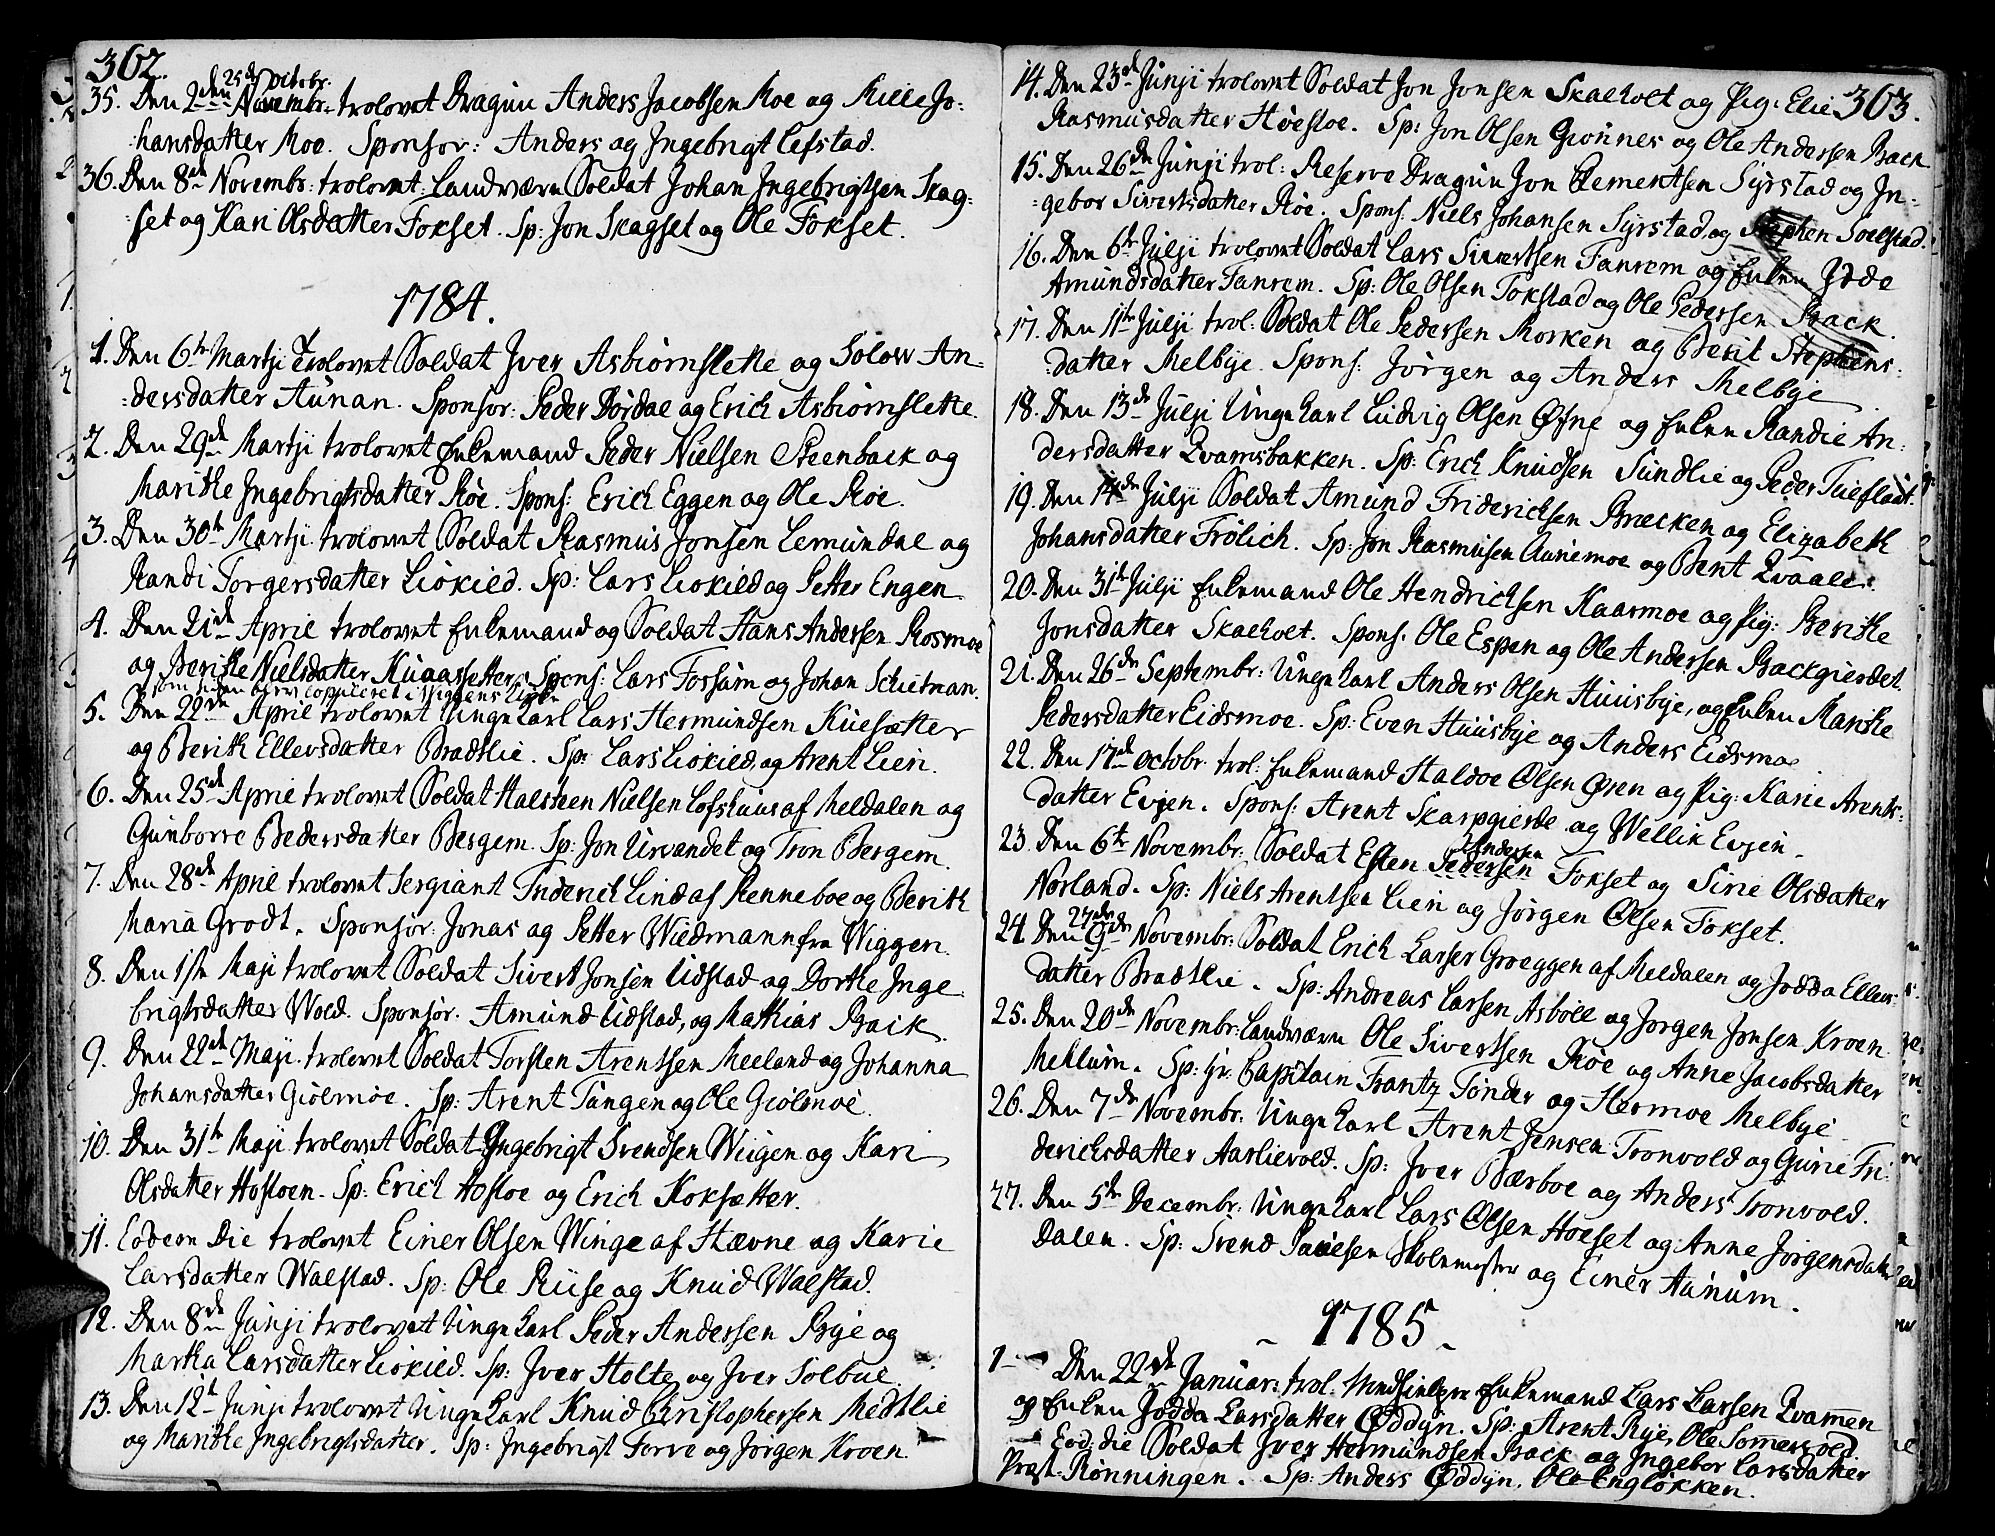 SAT, Ministerialprotokoller, klokkerbøker og fødselsregistre - Sør-Trøndelag, 668/L0802: Ministerialbok nr. 668A02, 1776-1799, s. 362-363